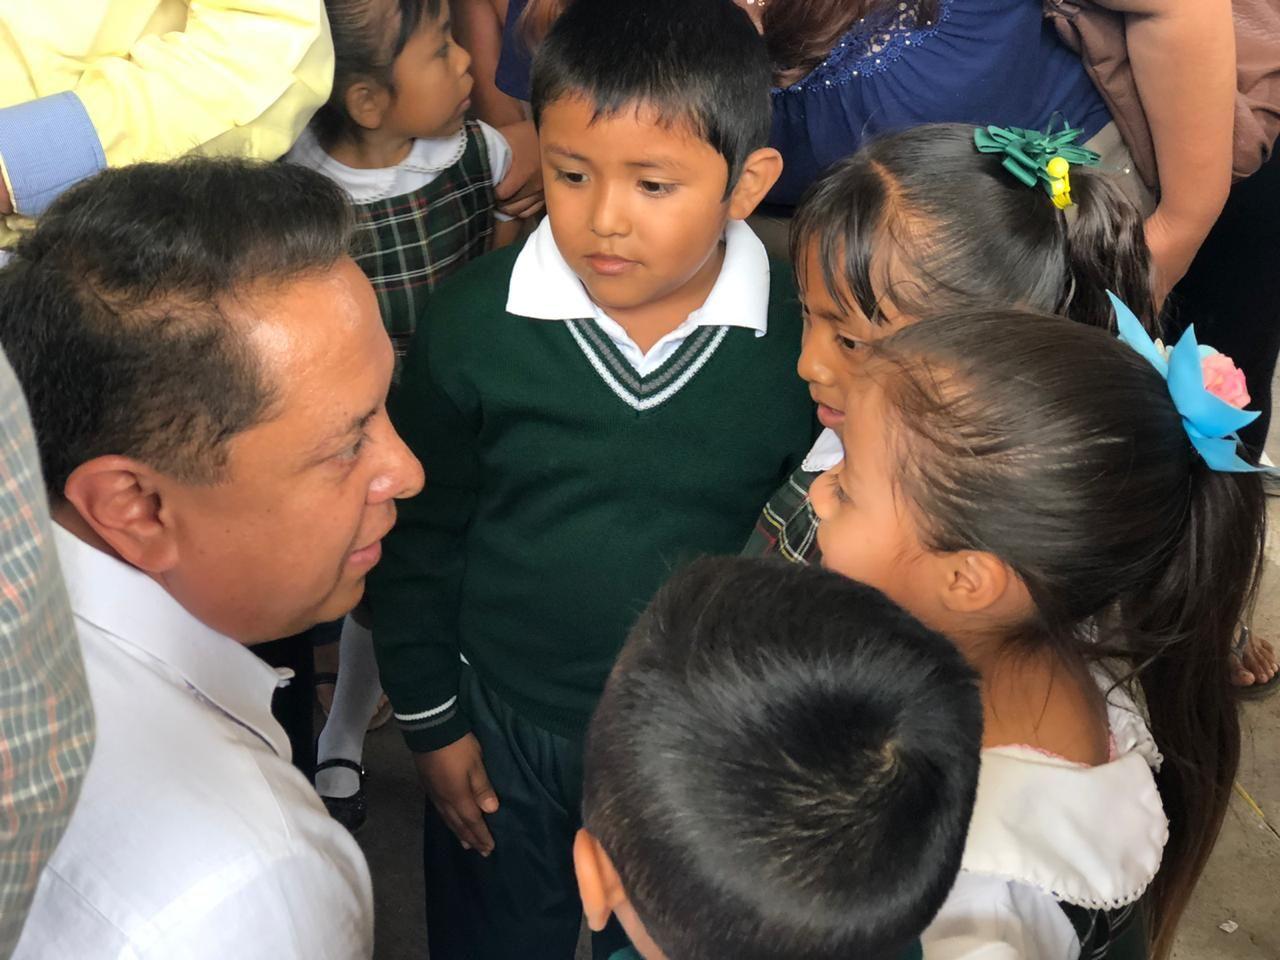 Arranca Pablo Amílcar Sandoval la 'Escuela es Nuestra' en Zumpango - todotexcoco.com